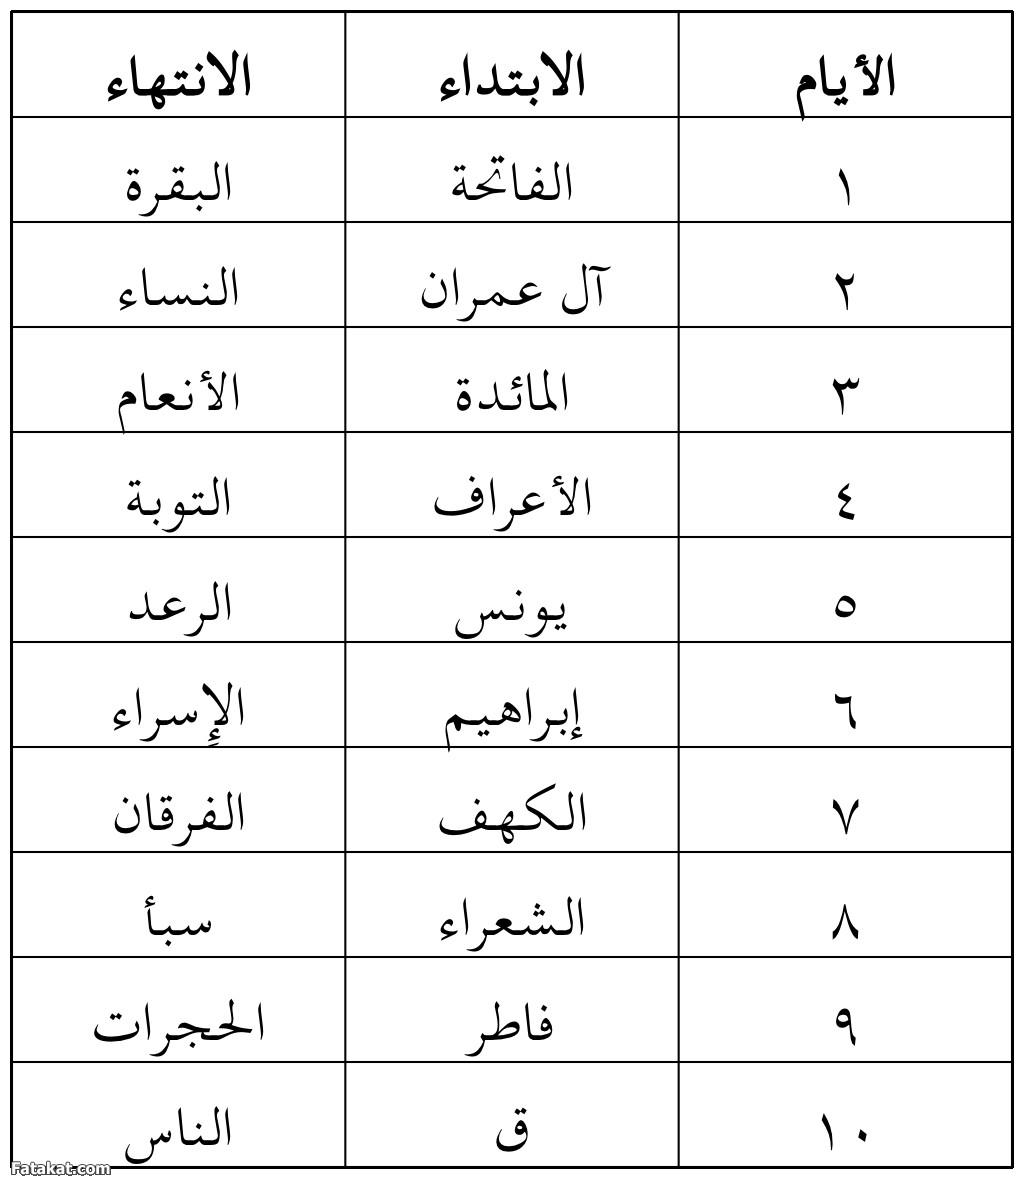 لختم القرآن مرة واحده خلال 30 يوم